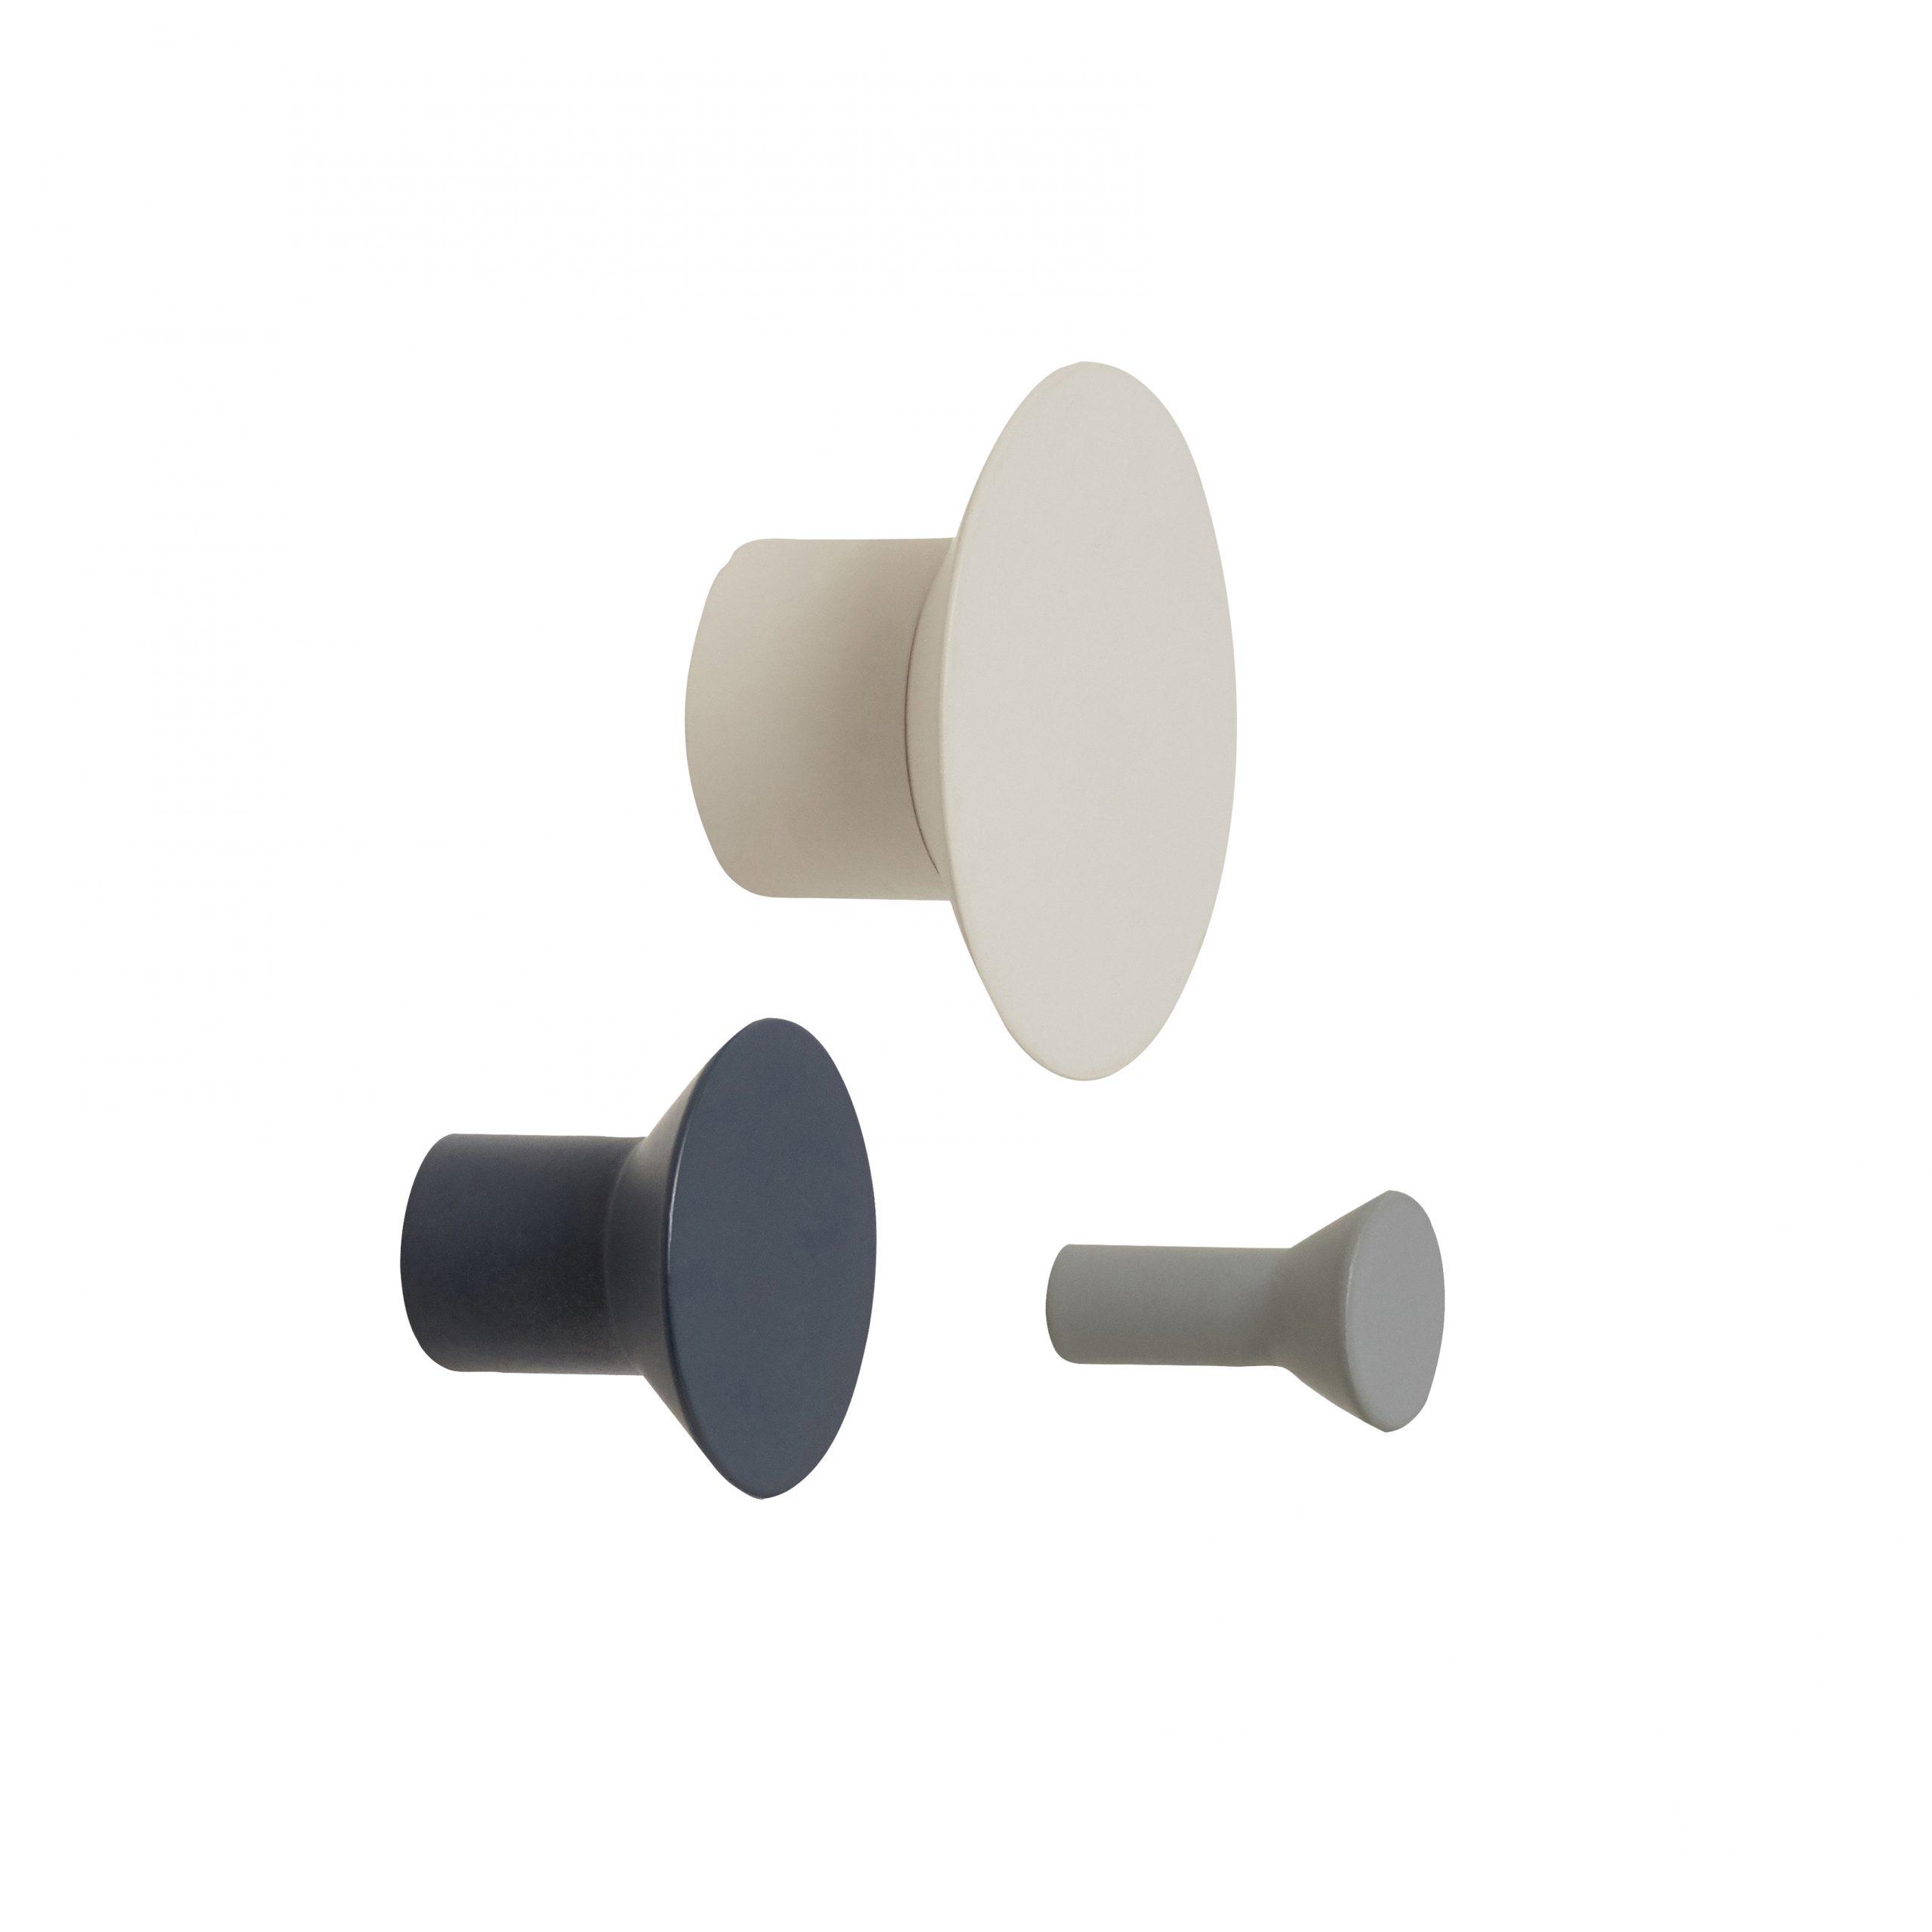 Knopp Metall Ljusgrå och Mörkgrå 3 st